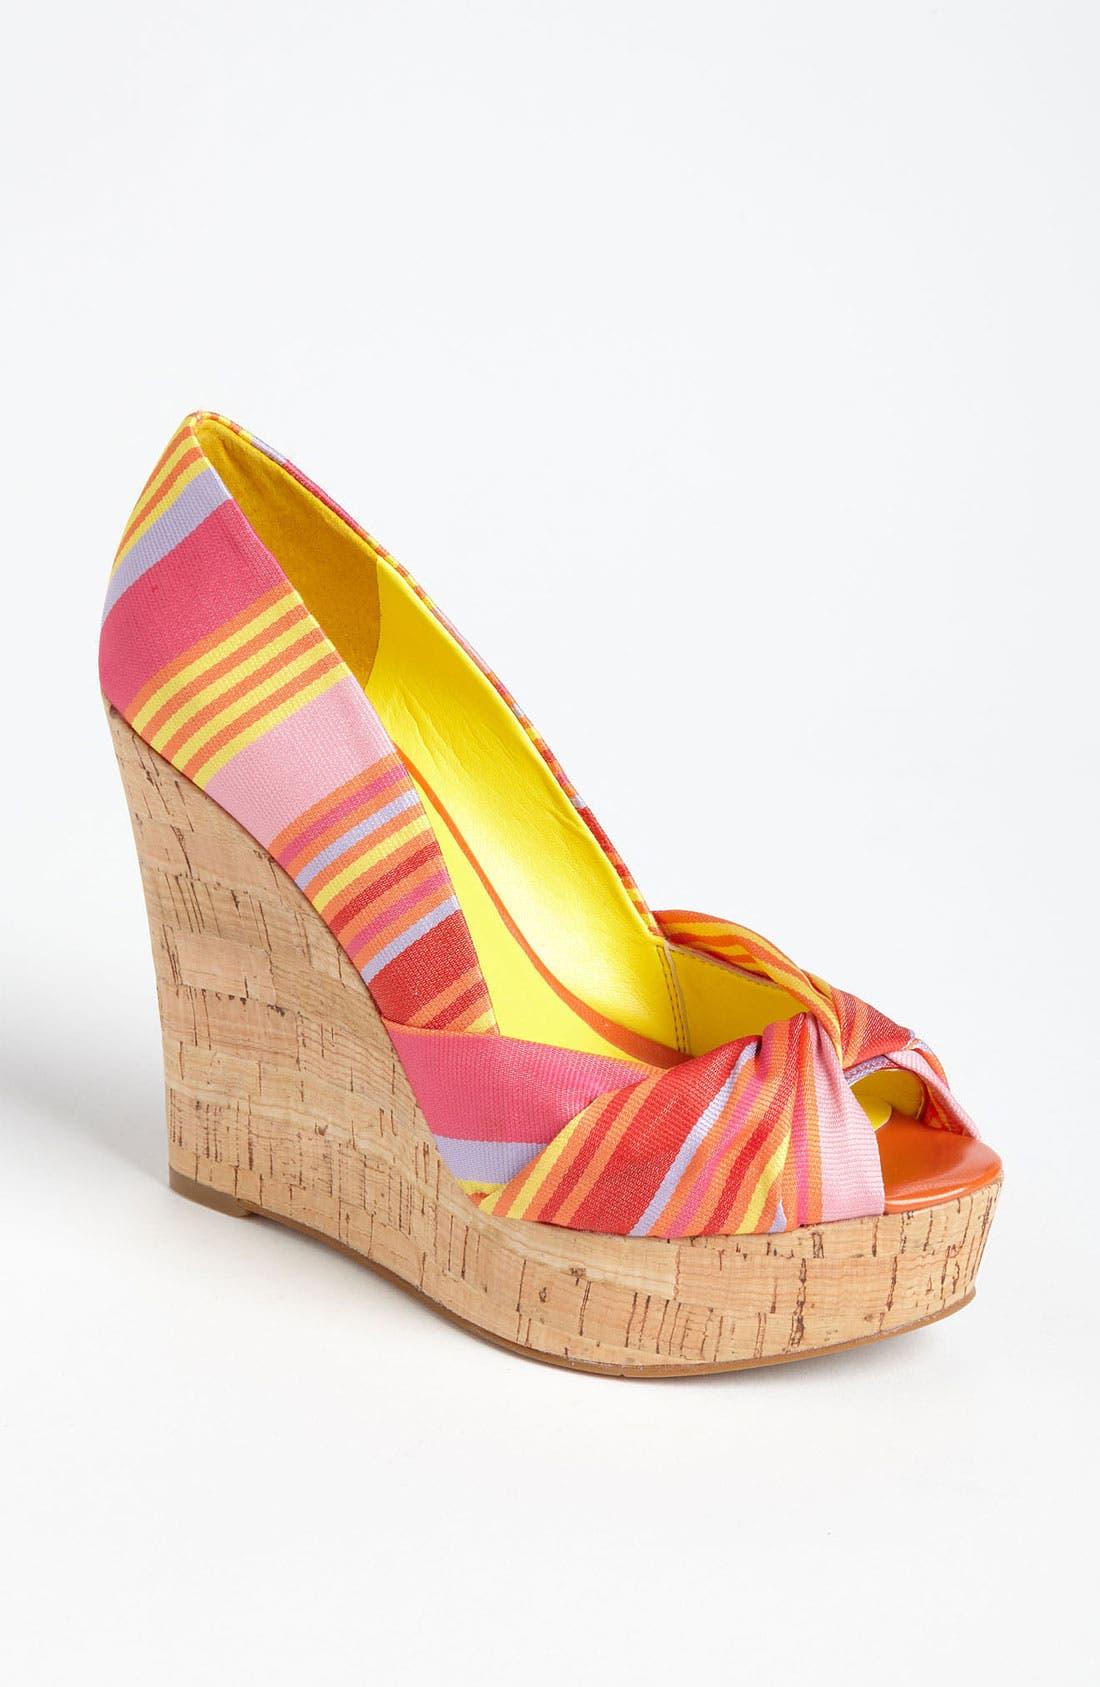 Alternate Image 1 Selected - Nine West 'Chillpill' Sandal